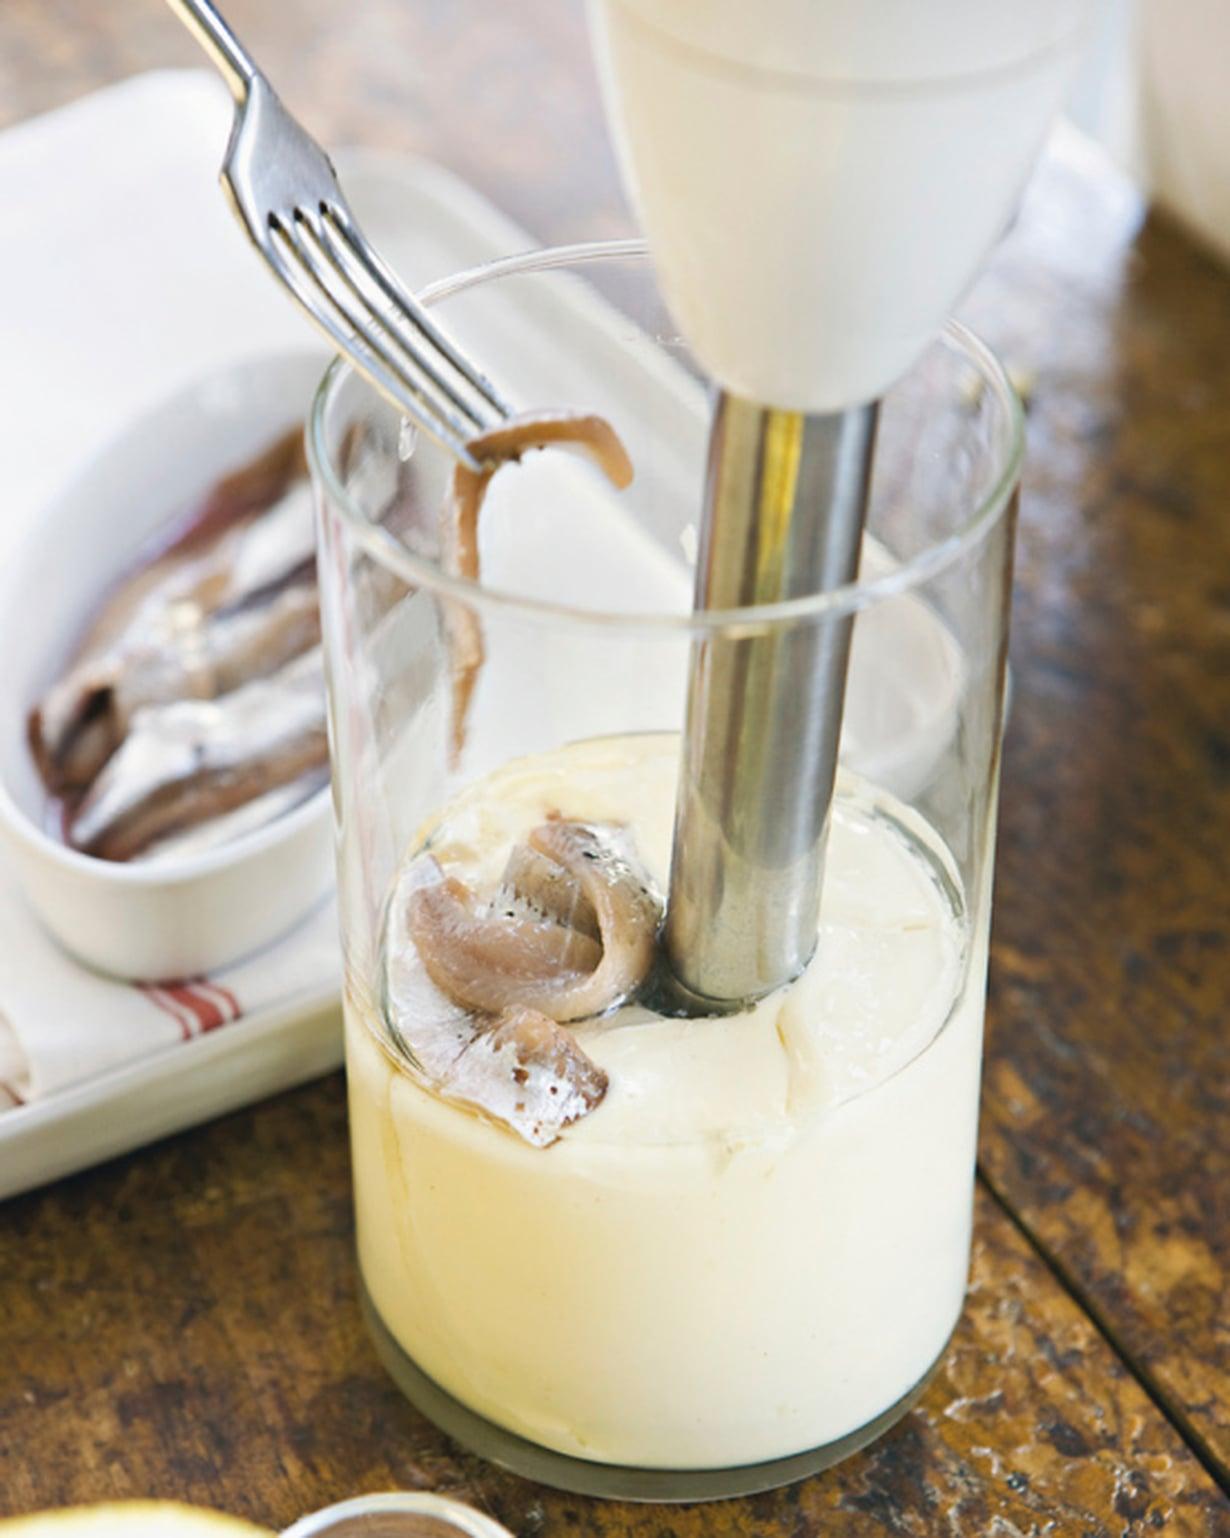 Kun majoneesi on muodostunut, lisää valkosipulinkynsi, anjovisfileet ja sitruunamehu. Sekoita tasaiseksi.